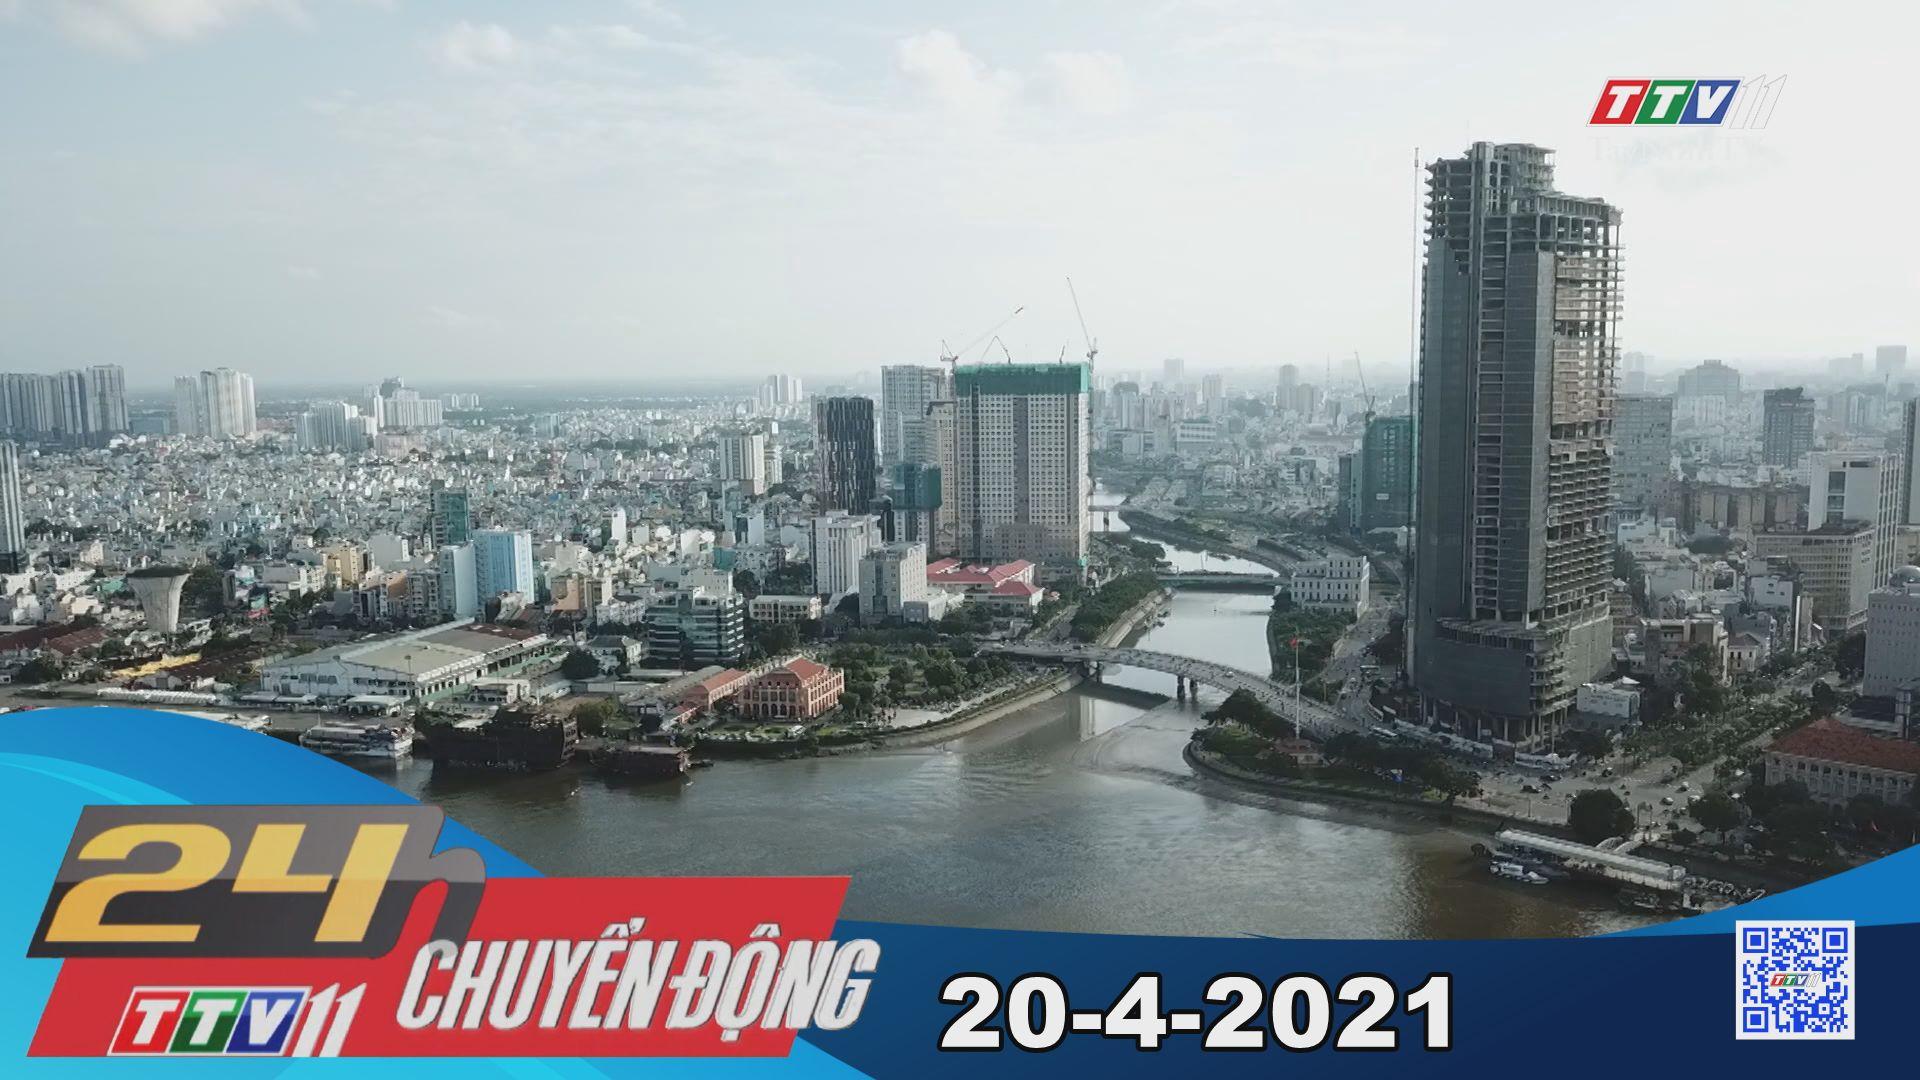 24h Chuyển động 20-4-2021 | Tin tức hôm nay | TayNinhTV